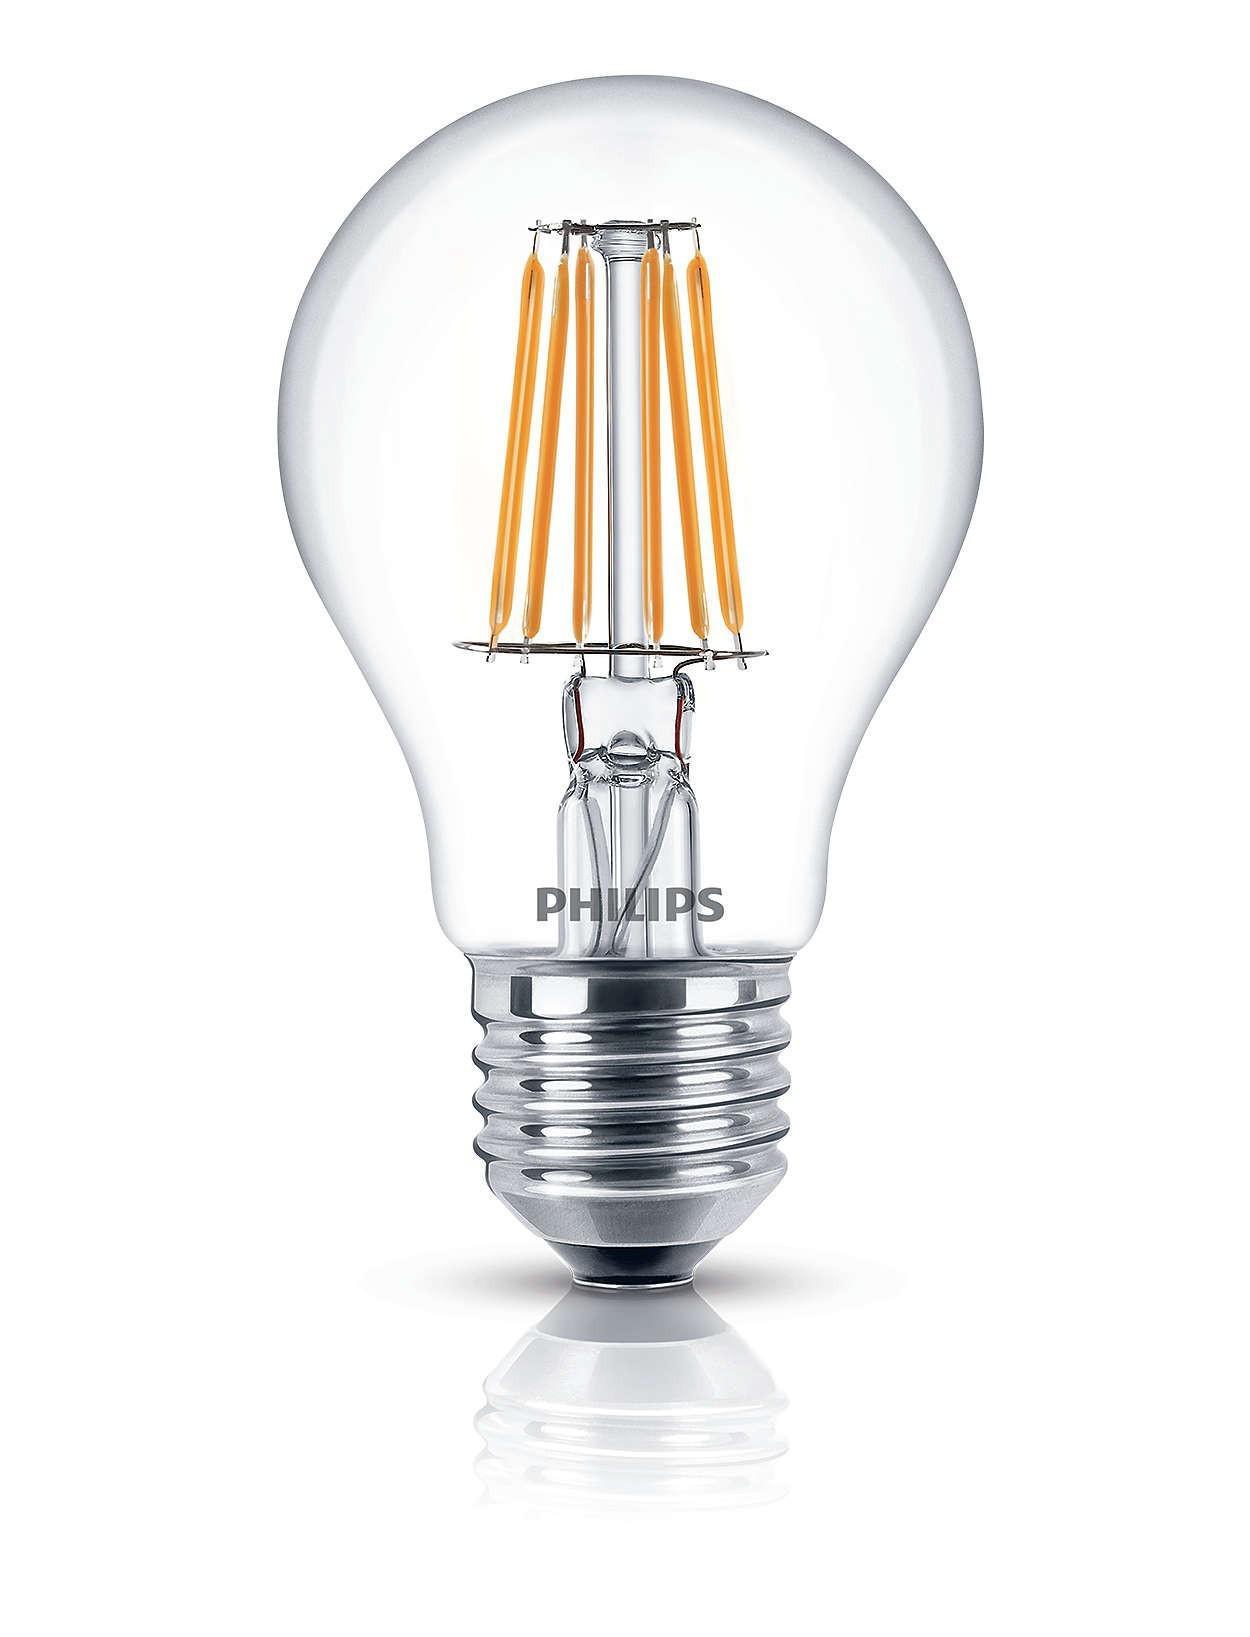 Einfache Dekoration Und Mobel Sceneswitch Von Philips #20: Dekorative Philips LED Lampe Glühbirne Leuchtmittel Deco Classic Klar E27  Leuchte 4, ...